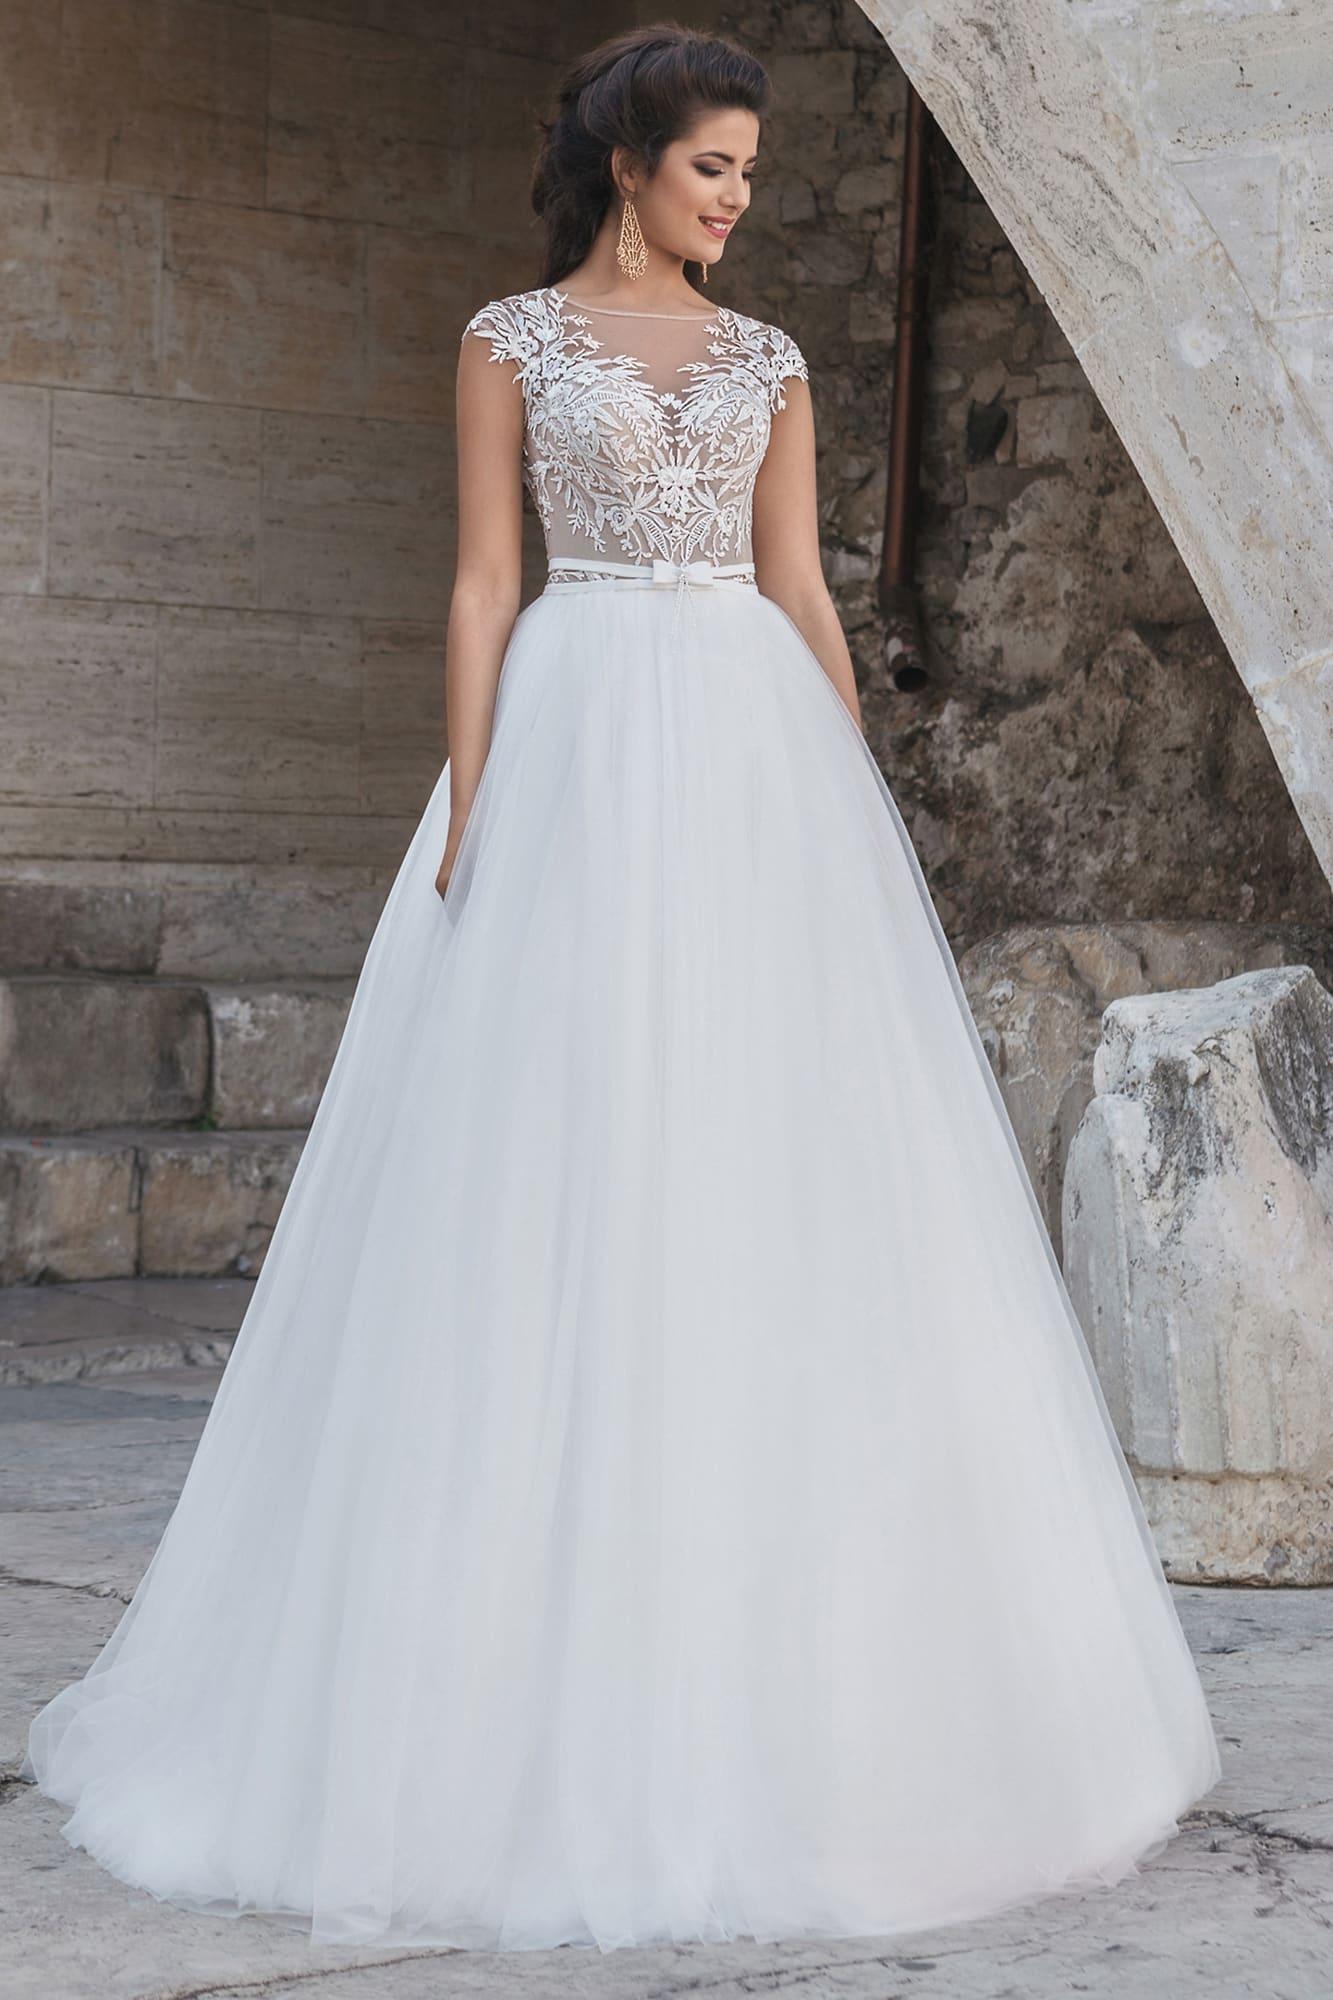 748fbbf9b8c Романтичное свадебное платье с многослойной юбкой и полупрозрачным лифом  без рукава.